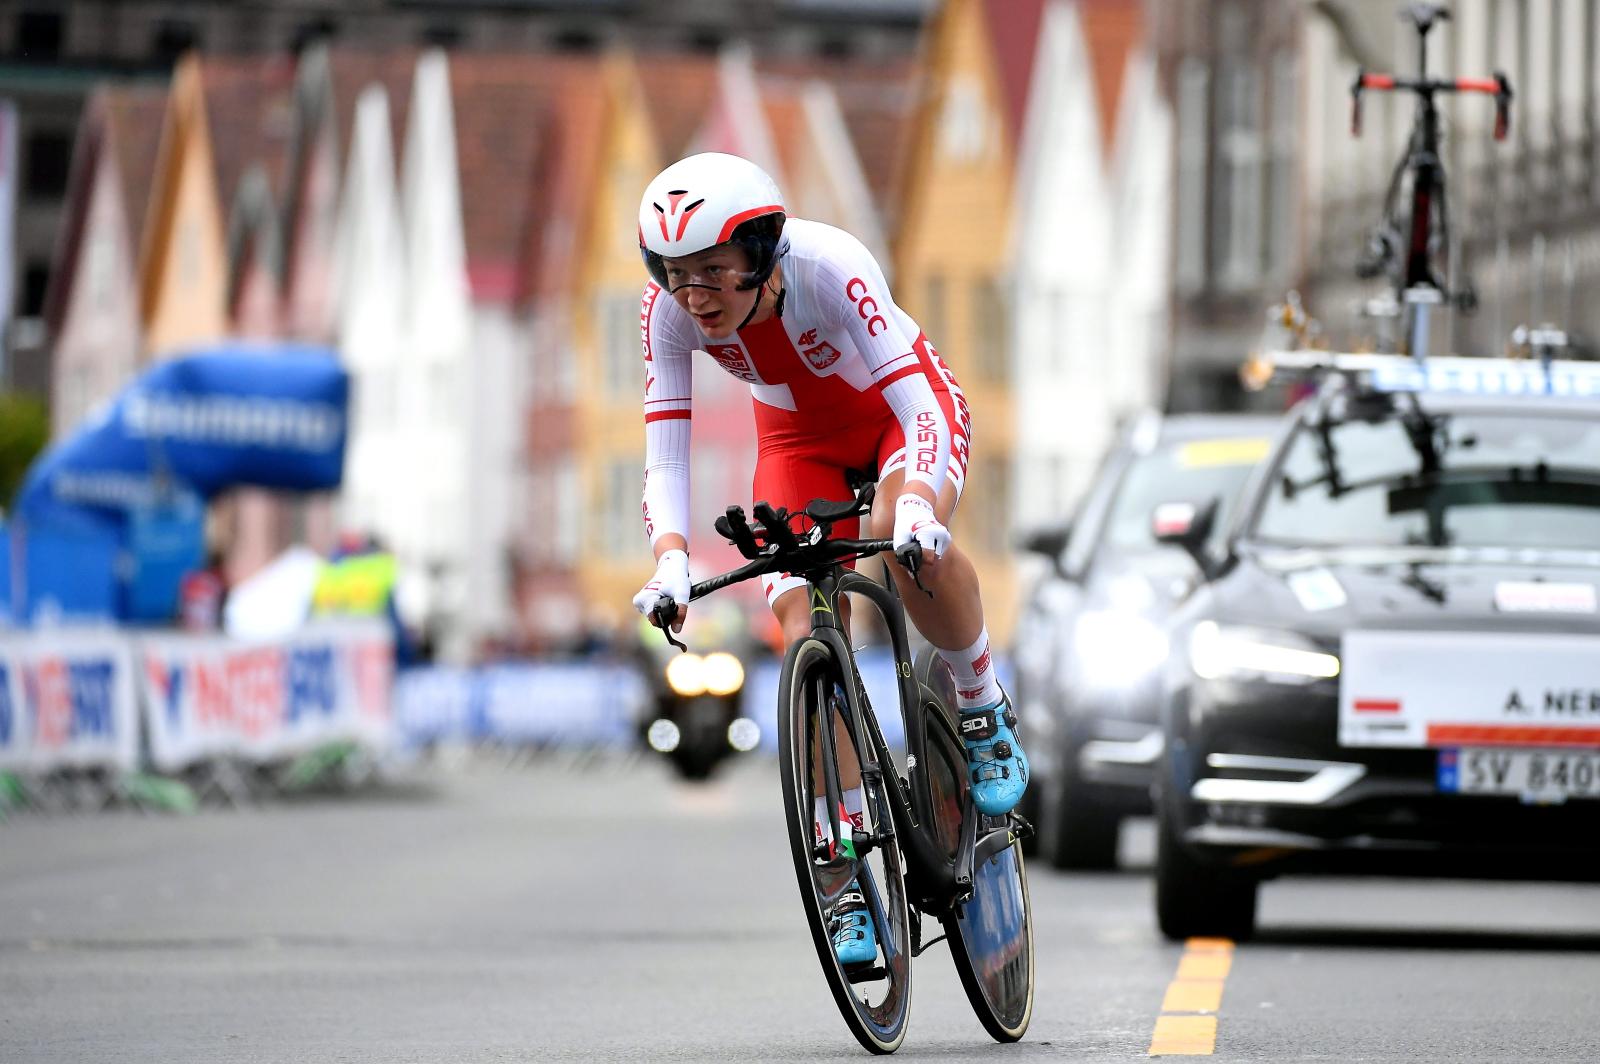 Polka Aurela Nerlo na trasie jazdy indywidualnej na czas podczas kolarskich mistrzostw świata w norweskim Bergen PAP/Bartłomiej Zborowski